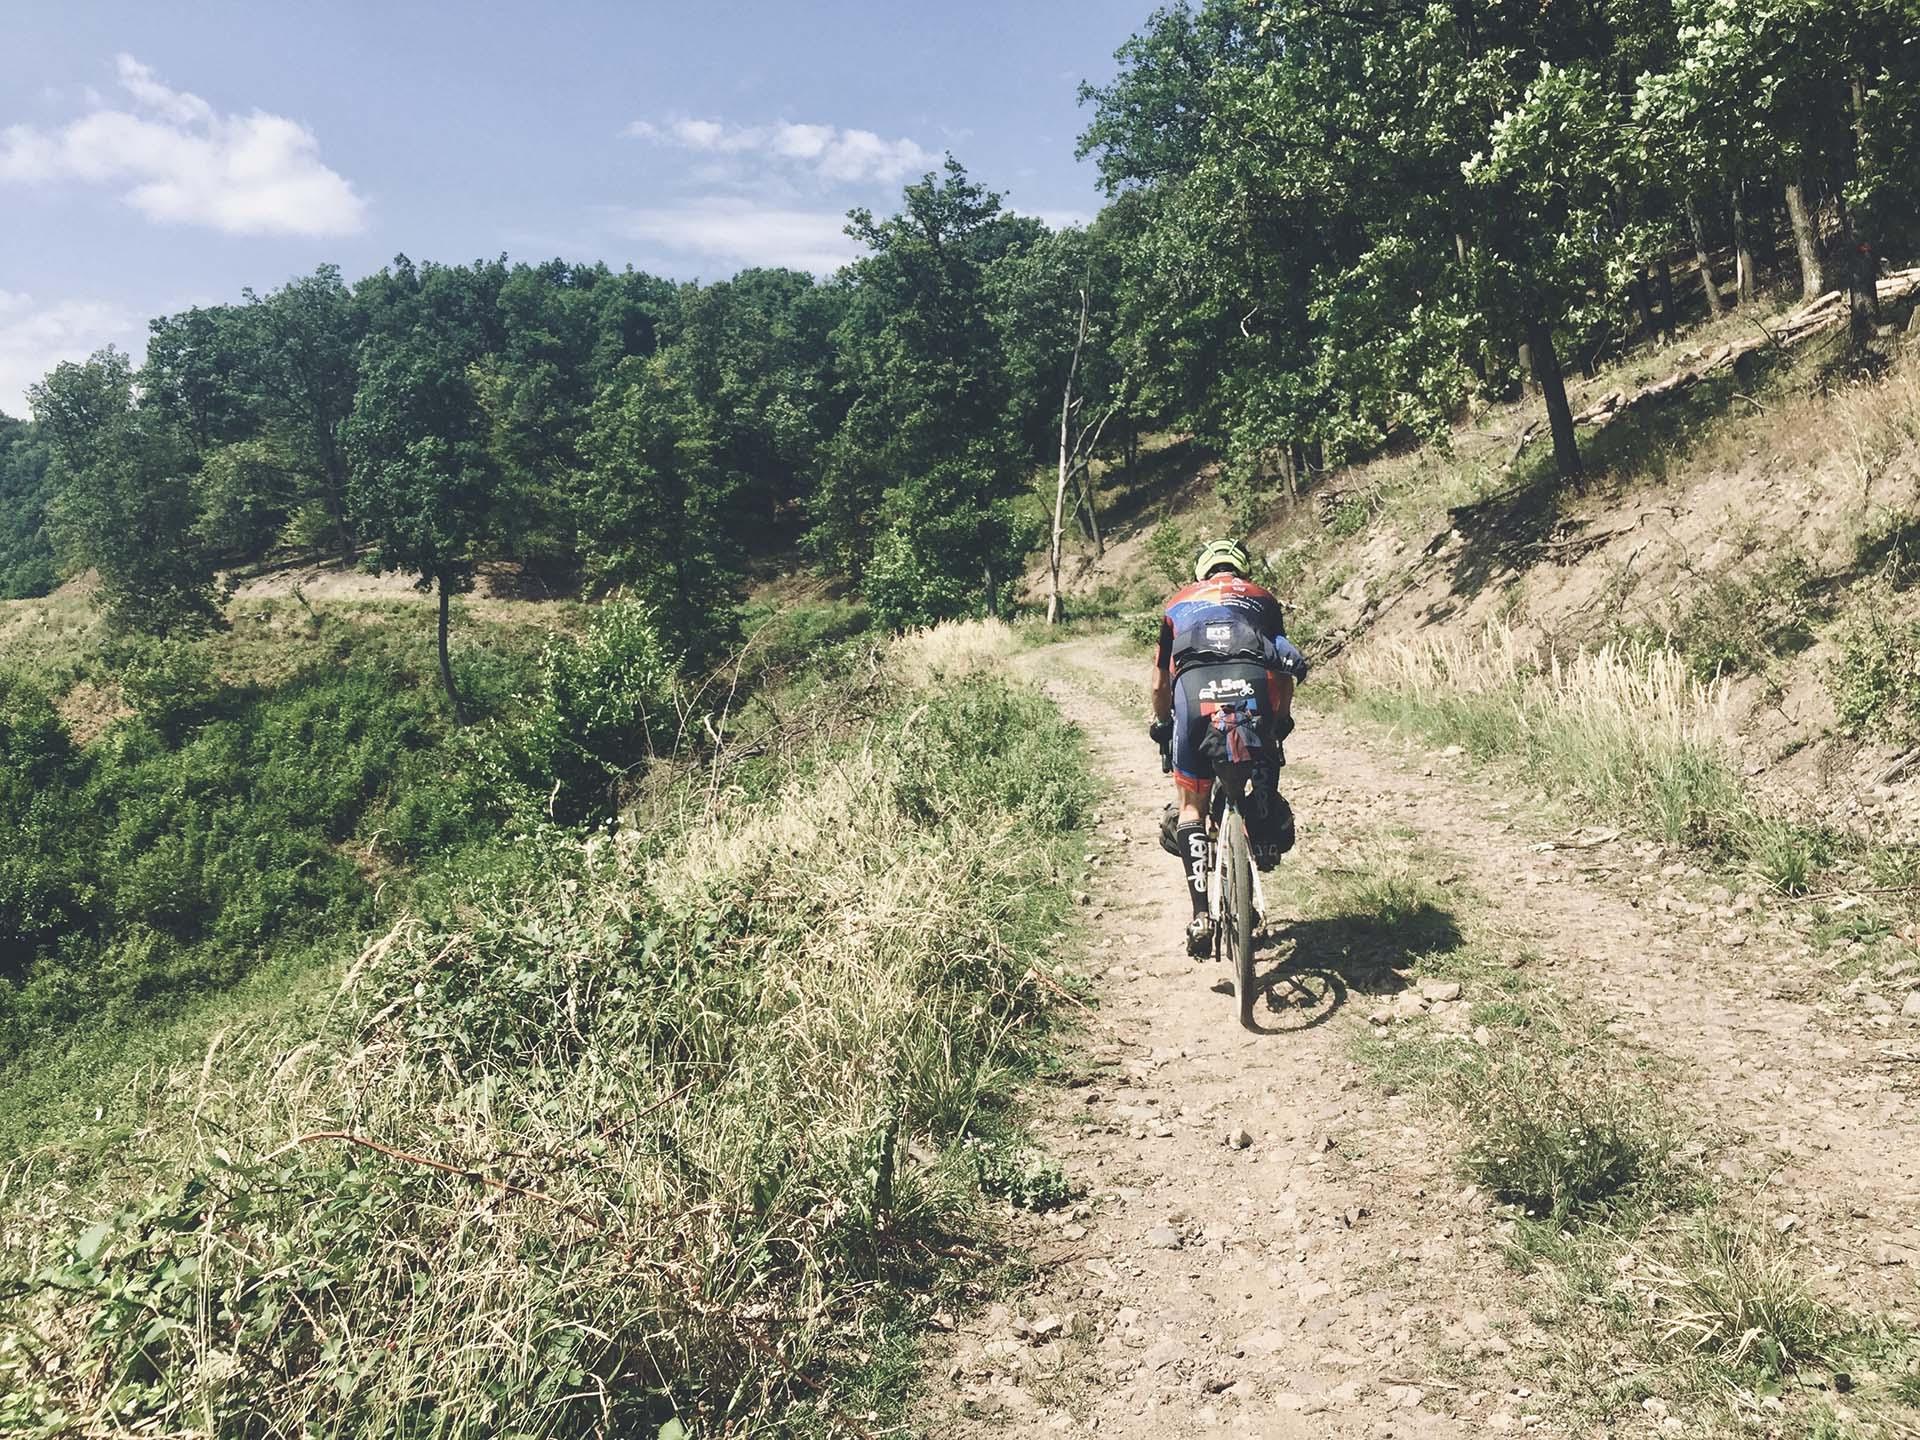 Európa egyik legkeményebb offroad kerékpártúrája van kialakulóban hazánkban - A Hungarian Divide-6